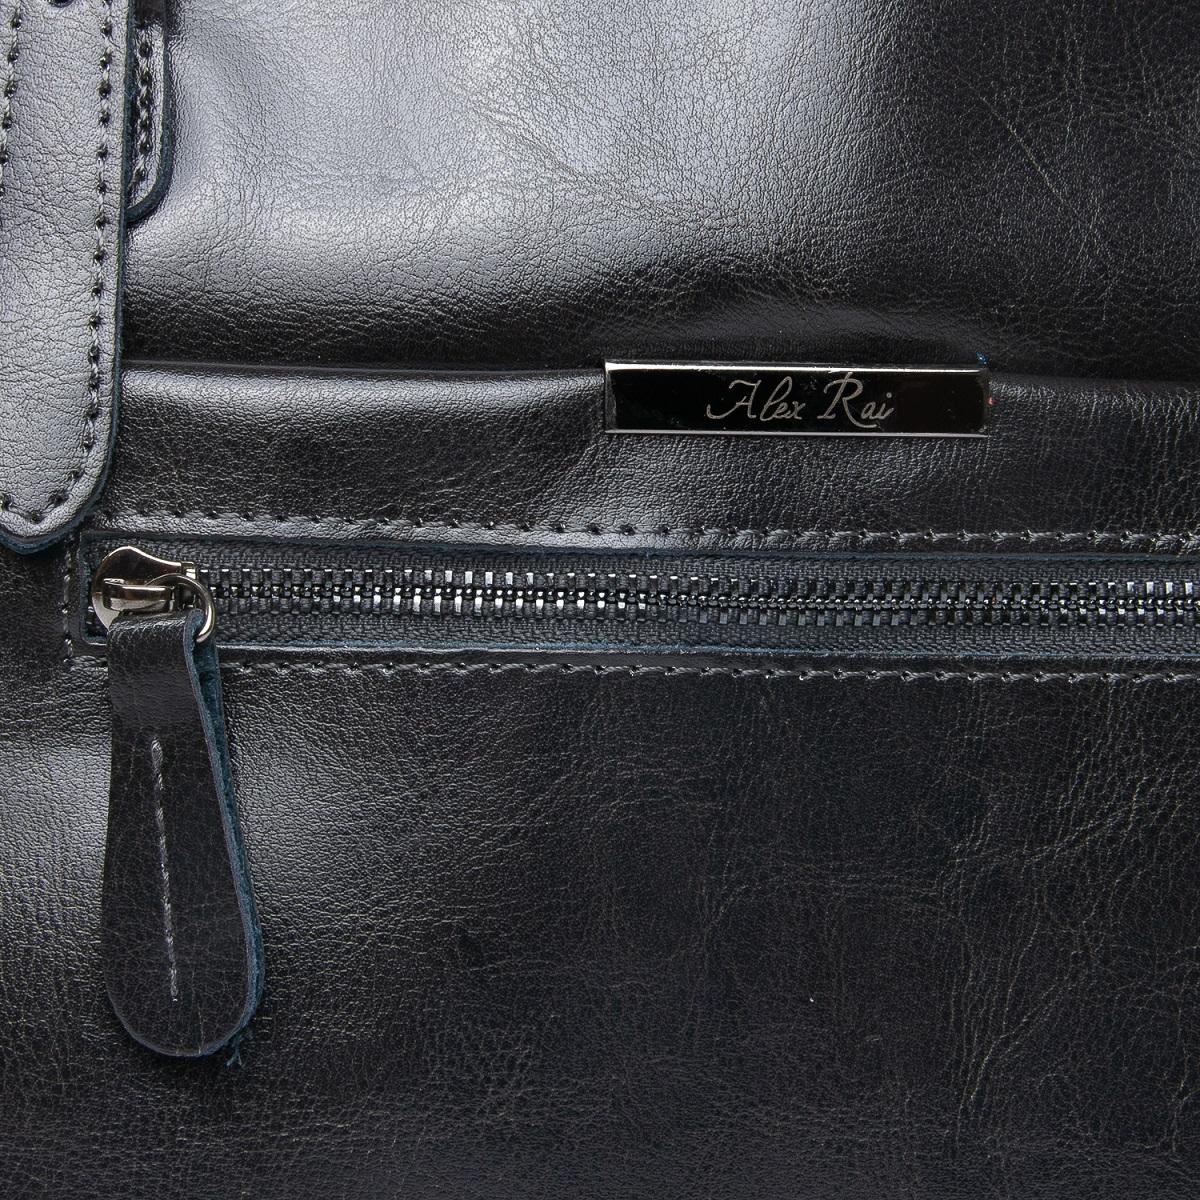 Сумка Женская Классическая кожа ALEX RAI 08-1 8222-64 grey - фото 5